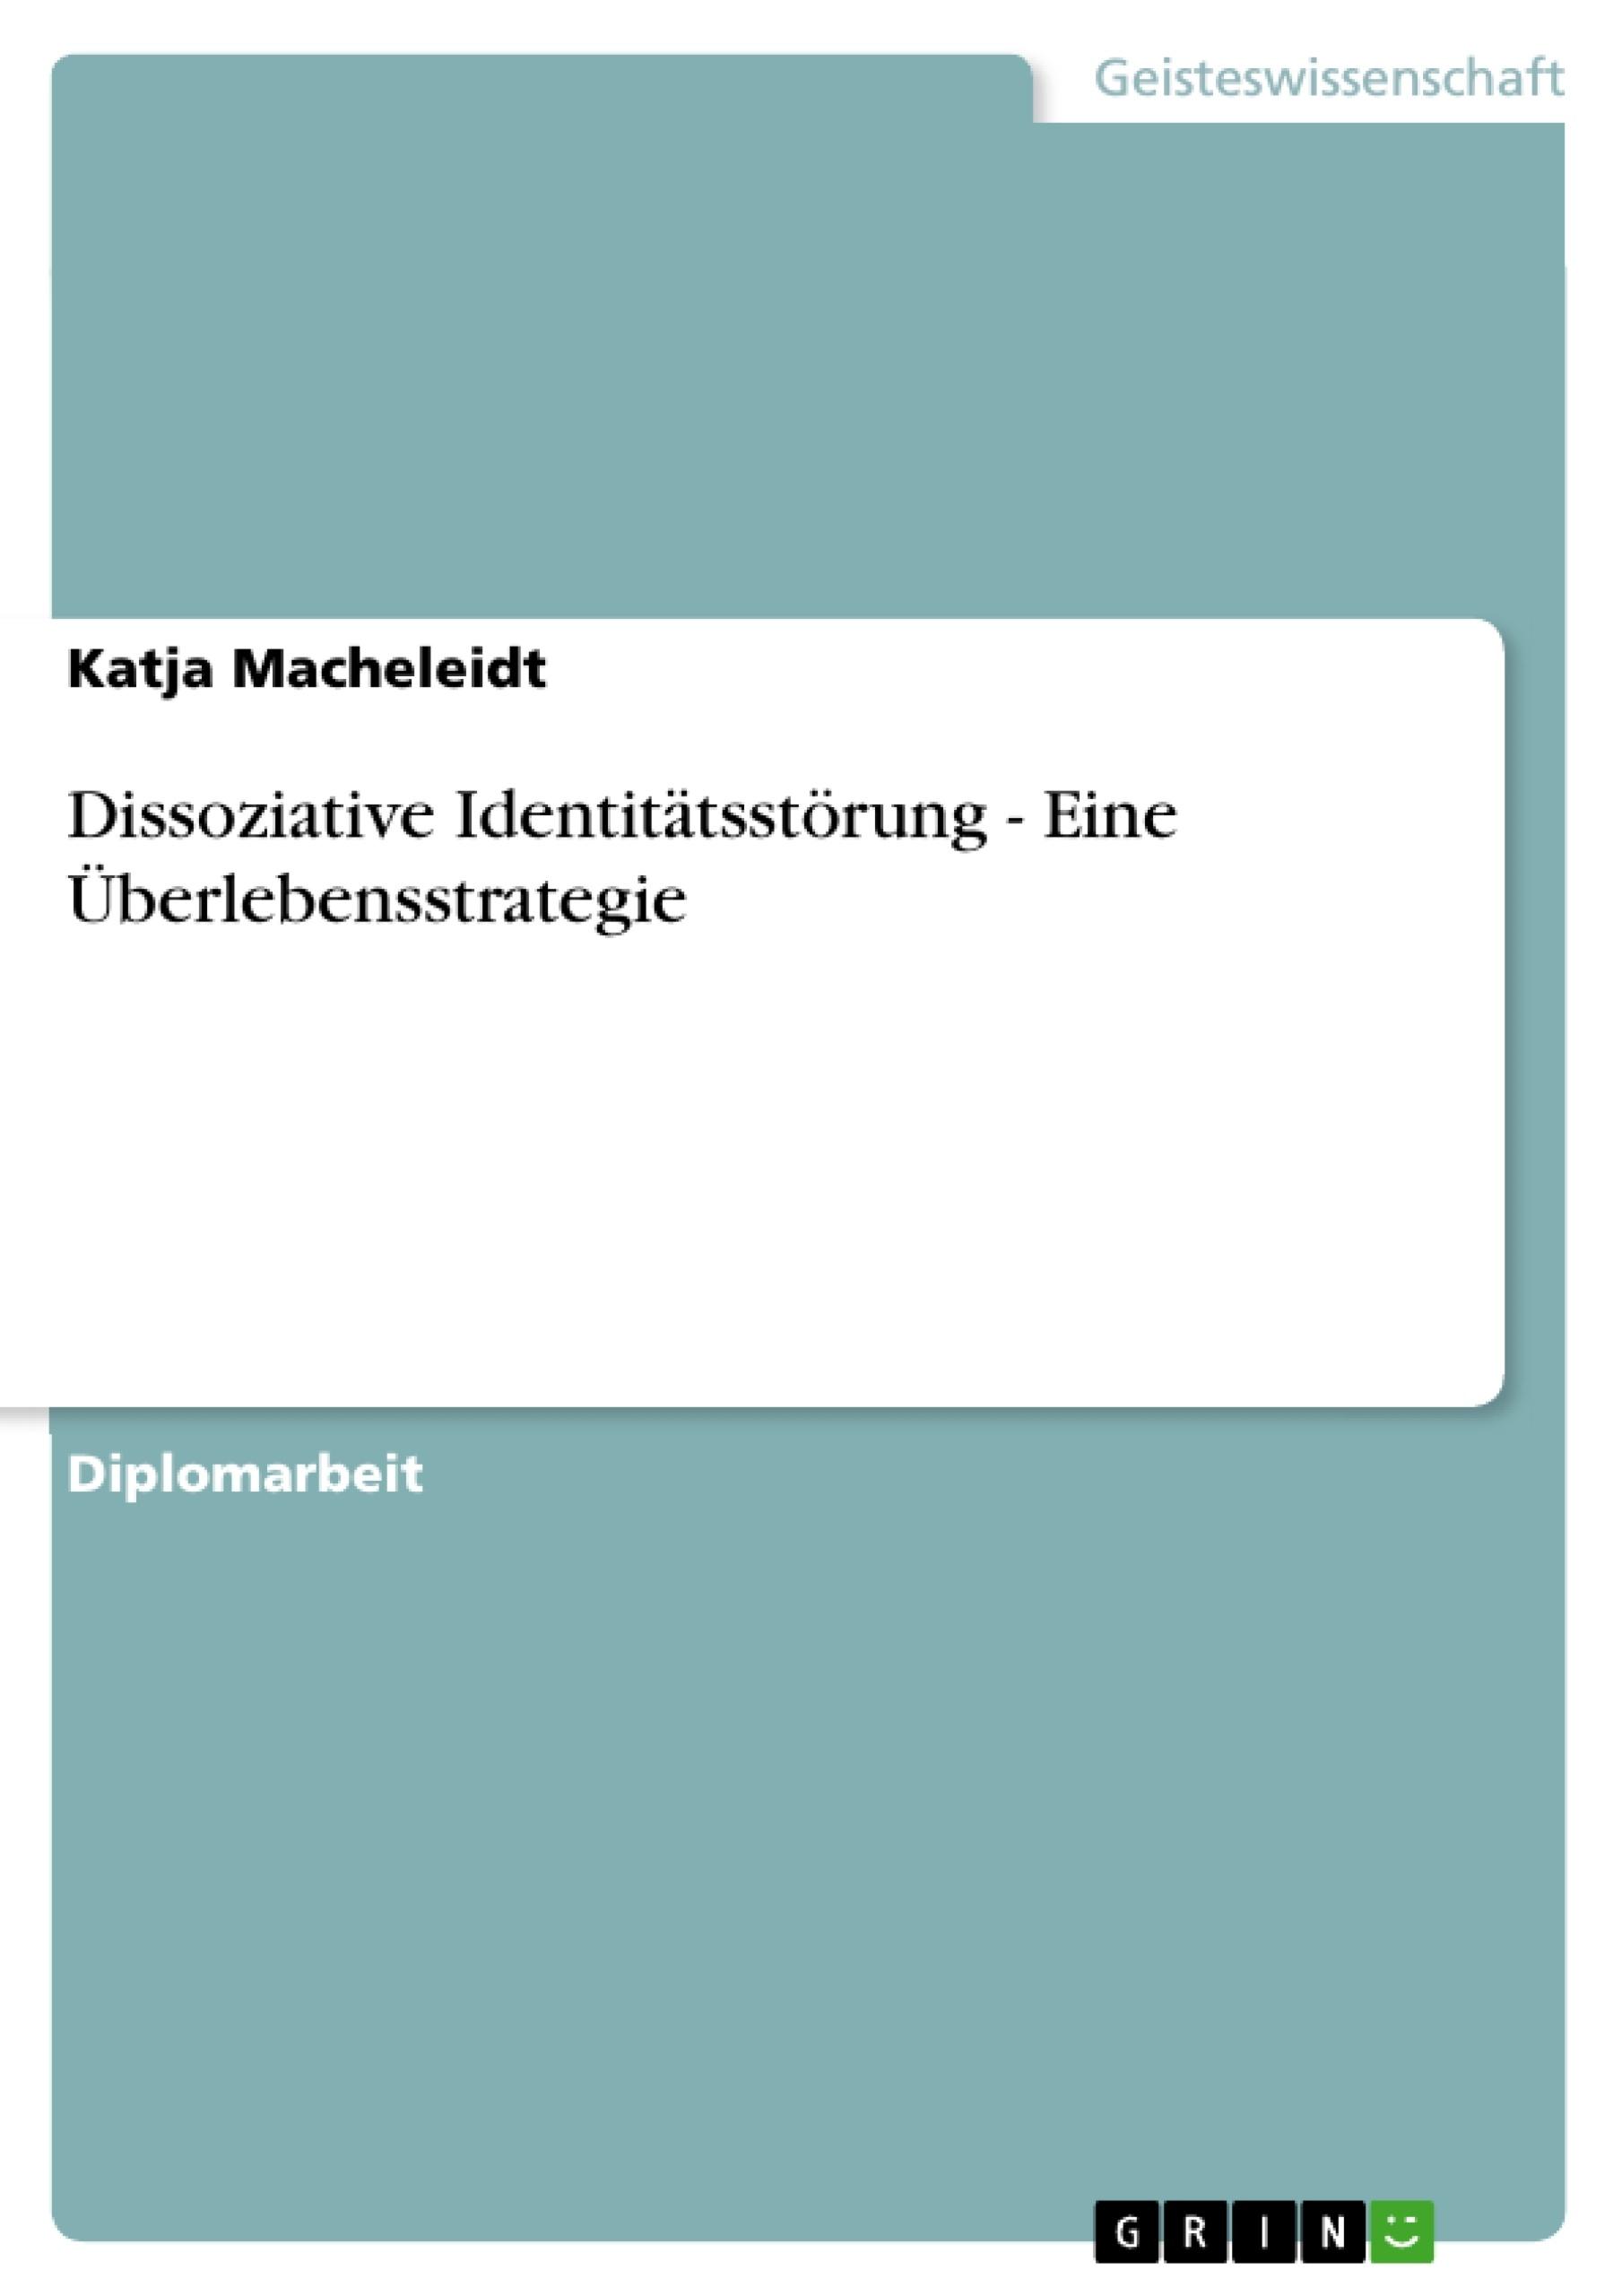 Titel: Dissoziative Identitätsstörung - Eine Überlebensstrategie